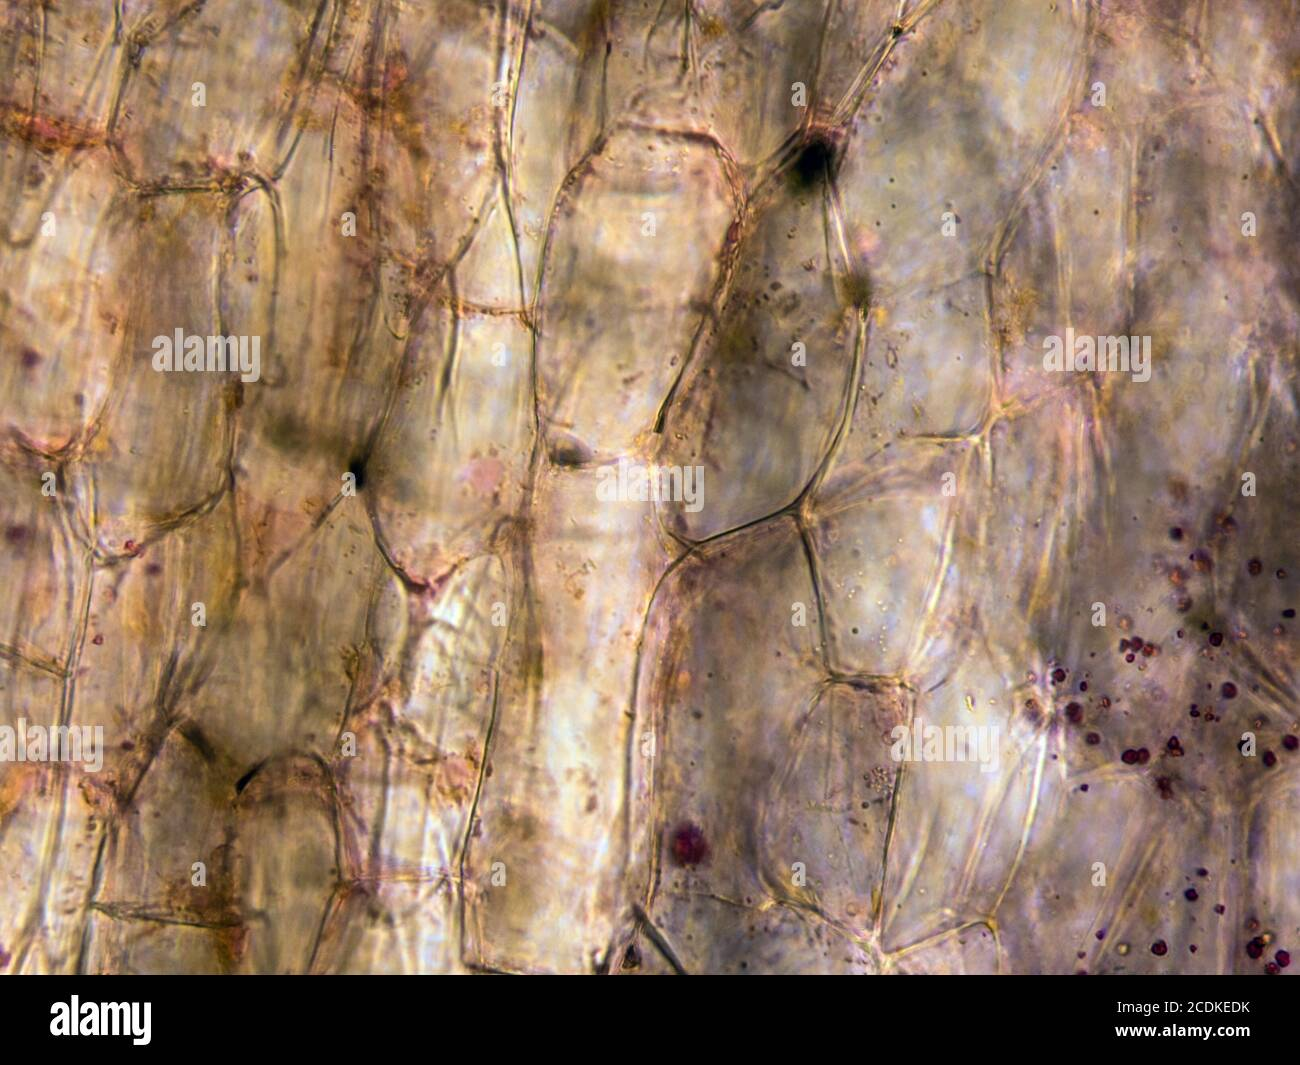 Vue microscopique des cellules racinaires de carottes. Coupe transversale. Microscope composé optique. Fond clair. Objectif 40x. Banque D'Images